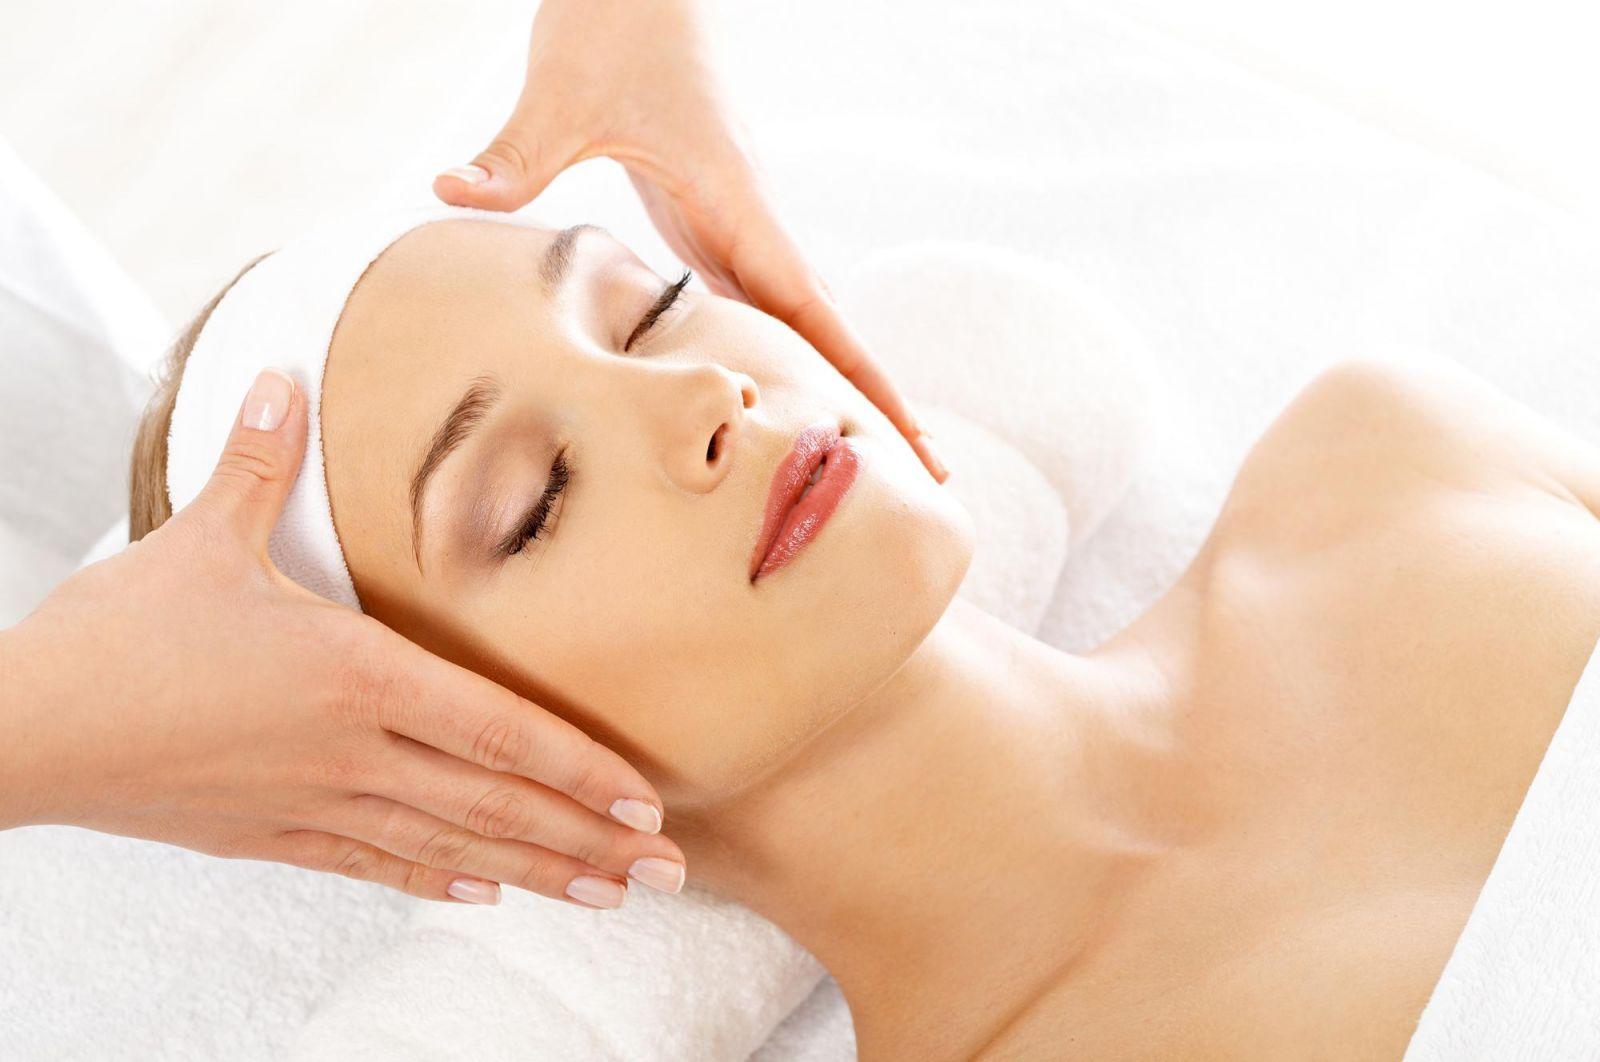 Смотреть ролики онлайн массаж 6 фотография